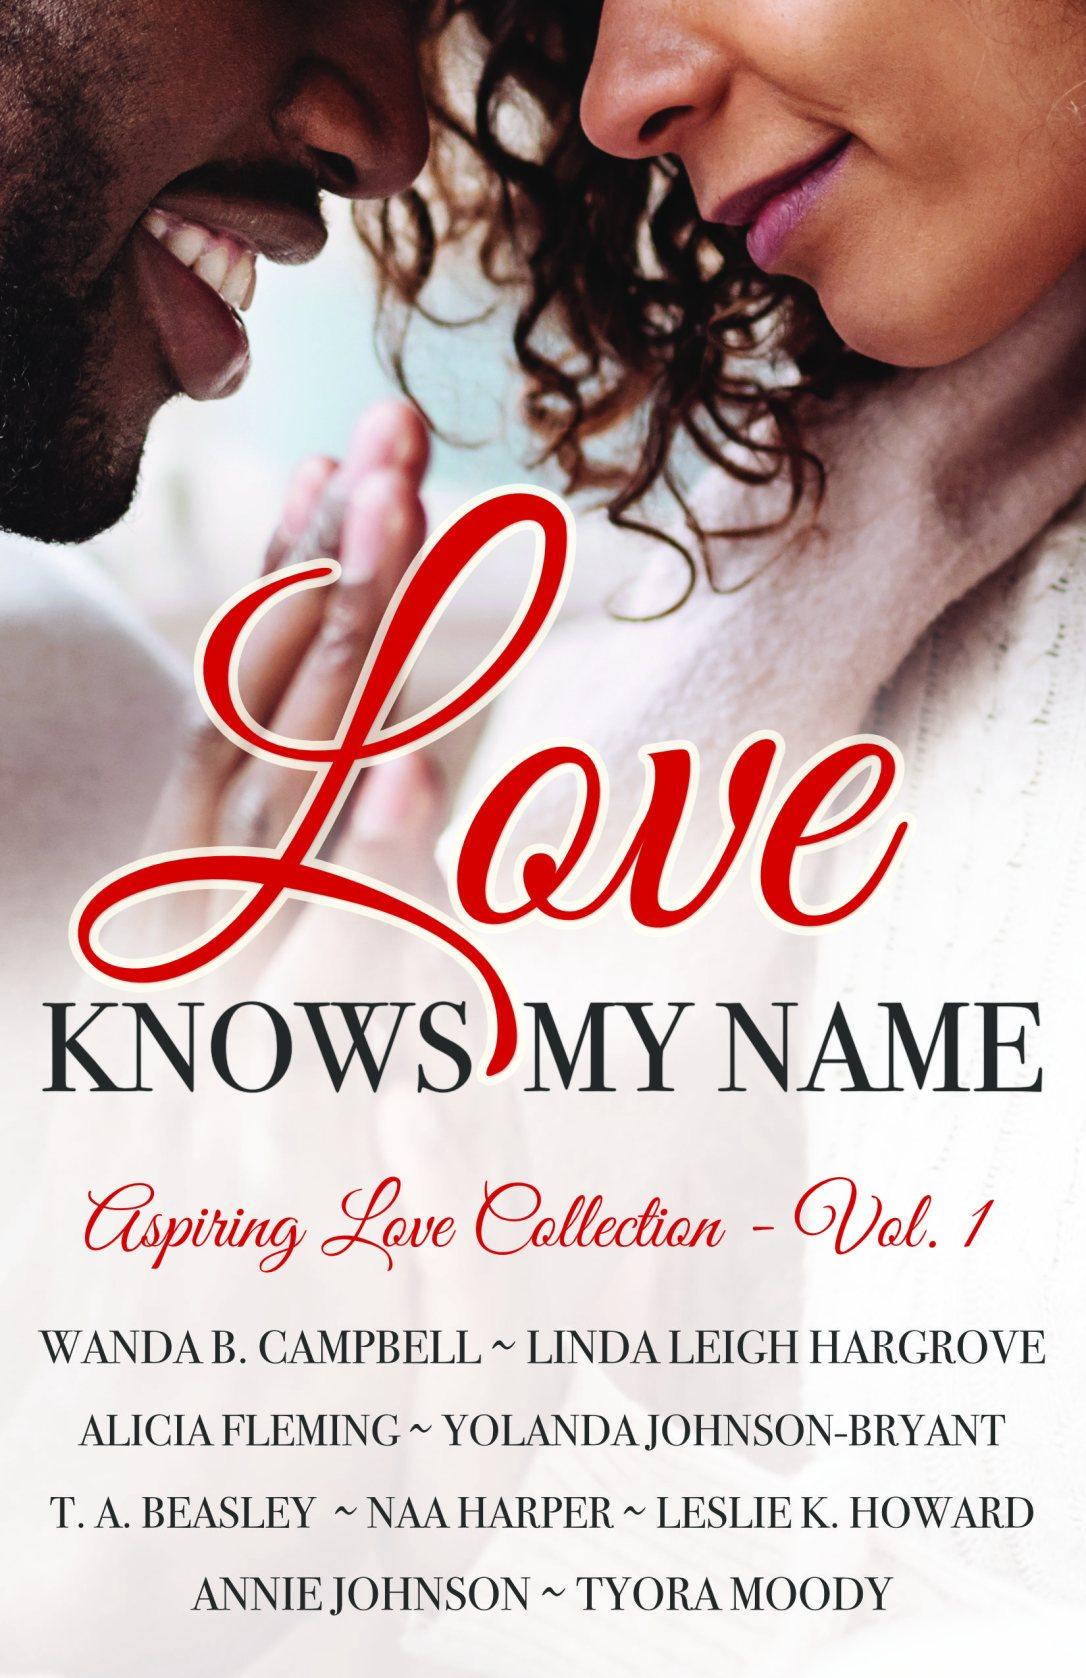 LoveKnowsMyName-COUPLE-V1